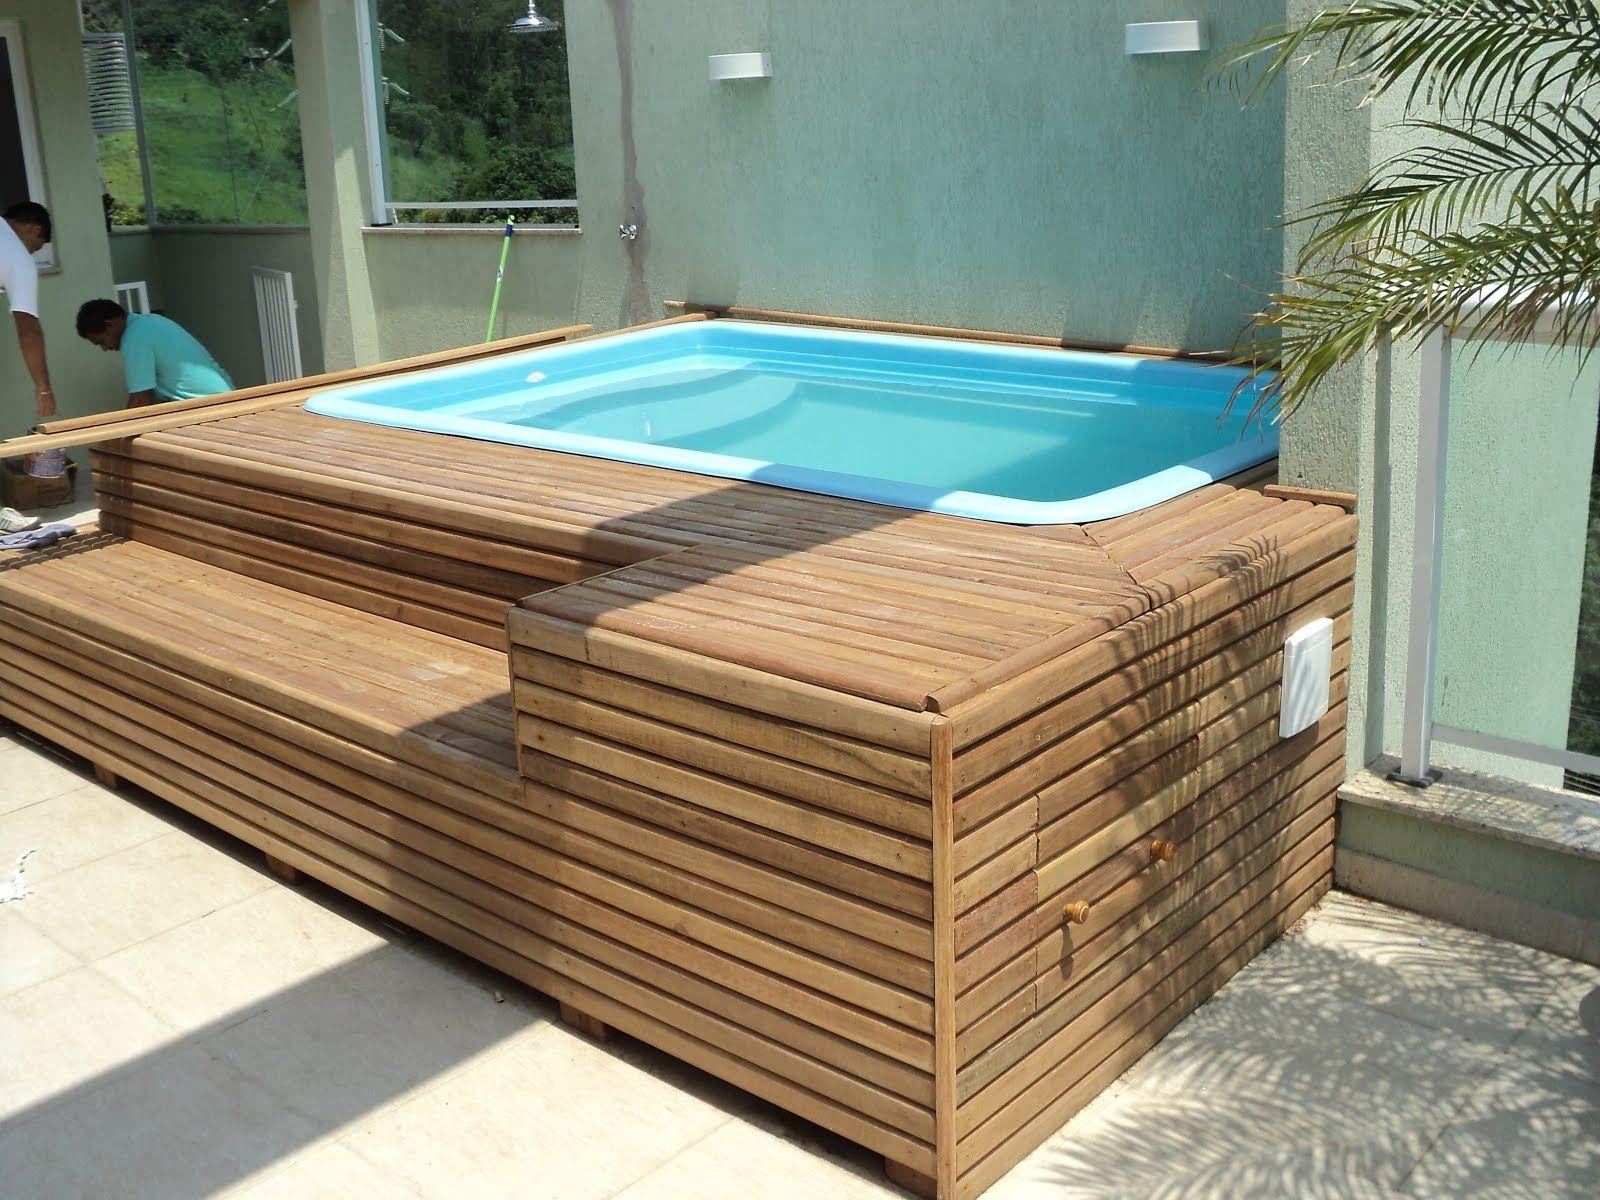 30 fotos de piscina de fibra prepare se para o ver o - Piscinas de fibra ...